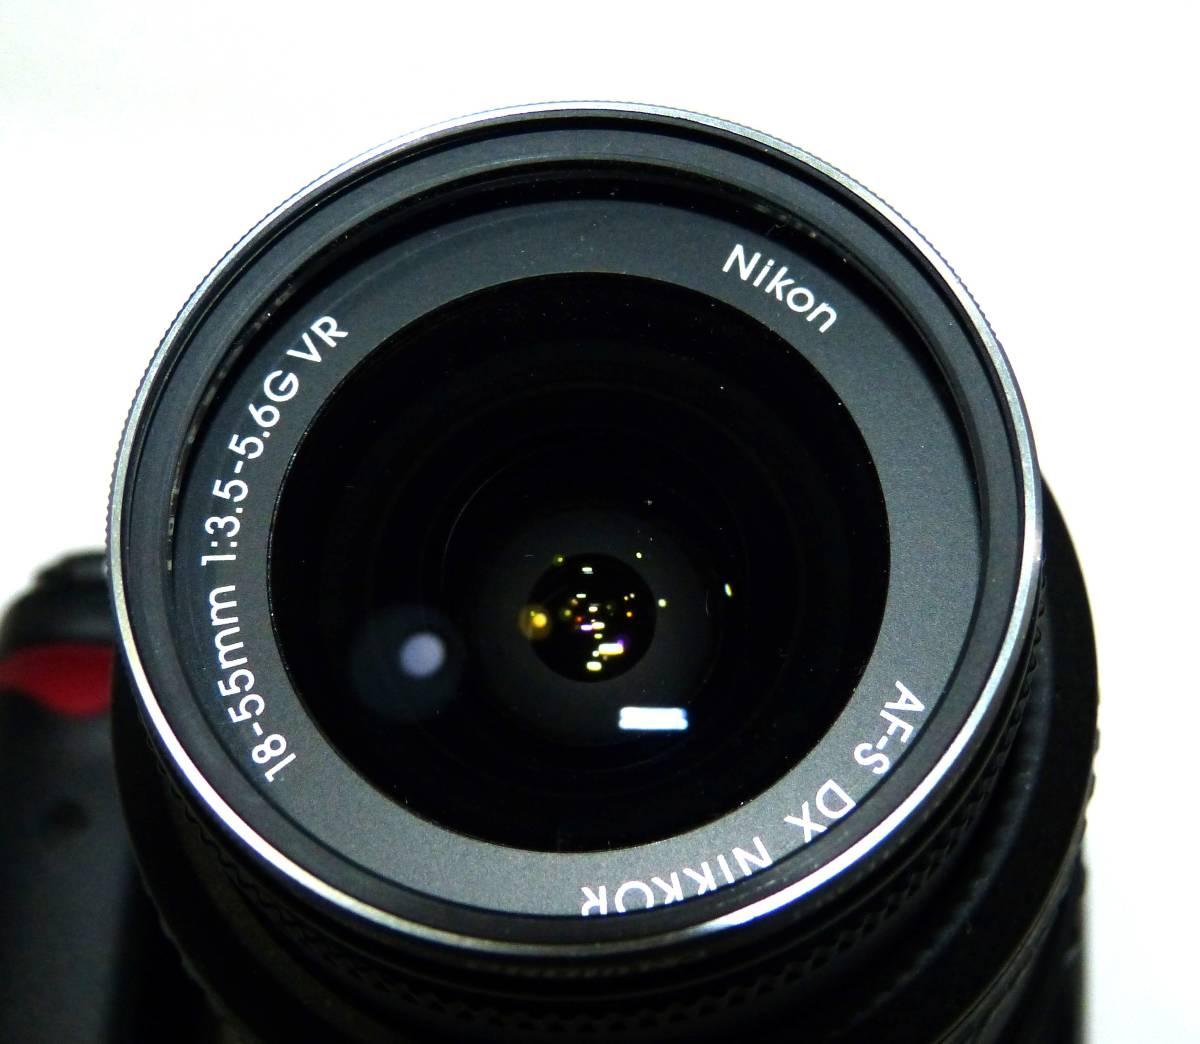 デジタルカメラ ニコン中古一眼レフ 動作確認済 Nikon D5000  純正 ズームレンズ キット18-55mm 1230画素 4GSDHC 純正バッテリー_画像4